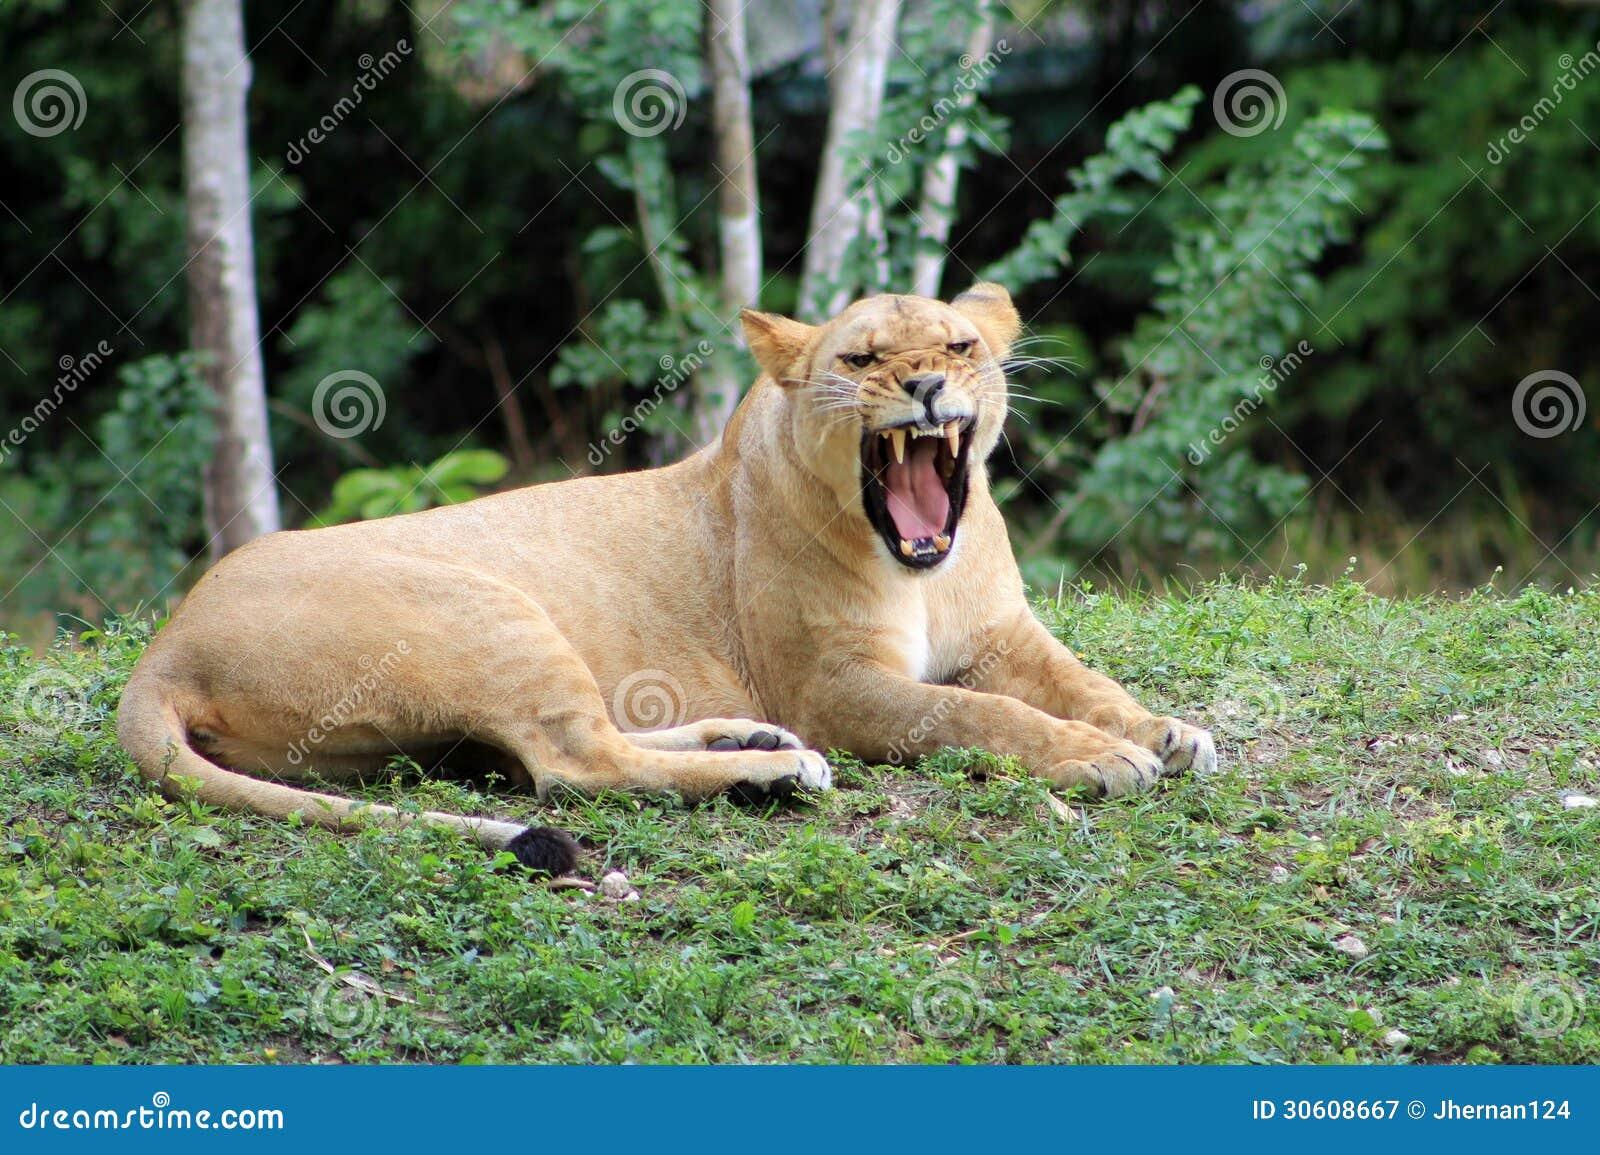 Gähnende Aussehung der Löwin wie Knurren